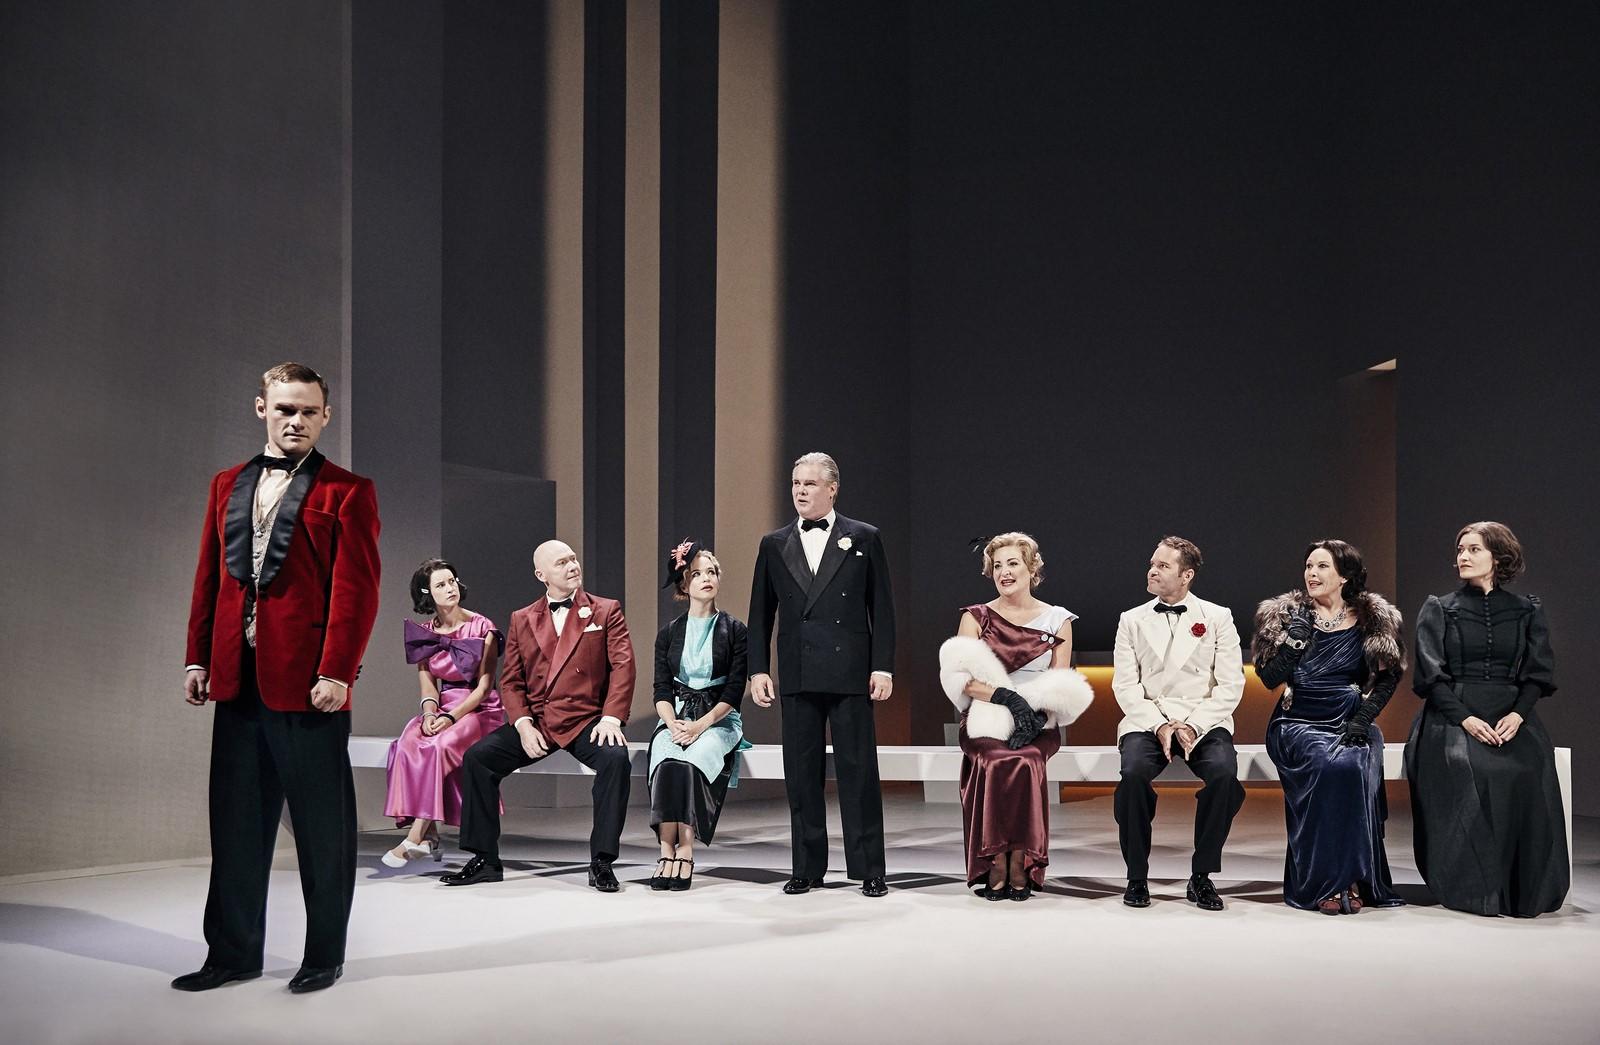 Anmeldelse: Anna Sophie Hedvig, Odense Teater